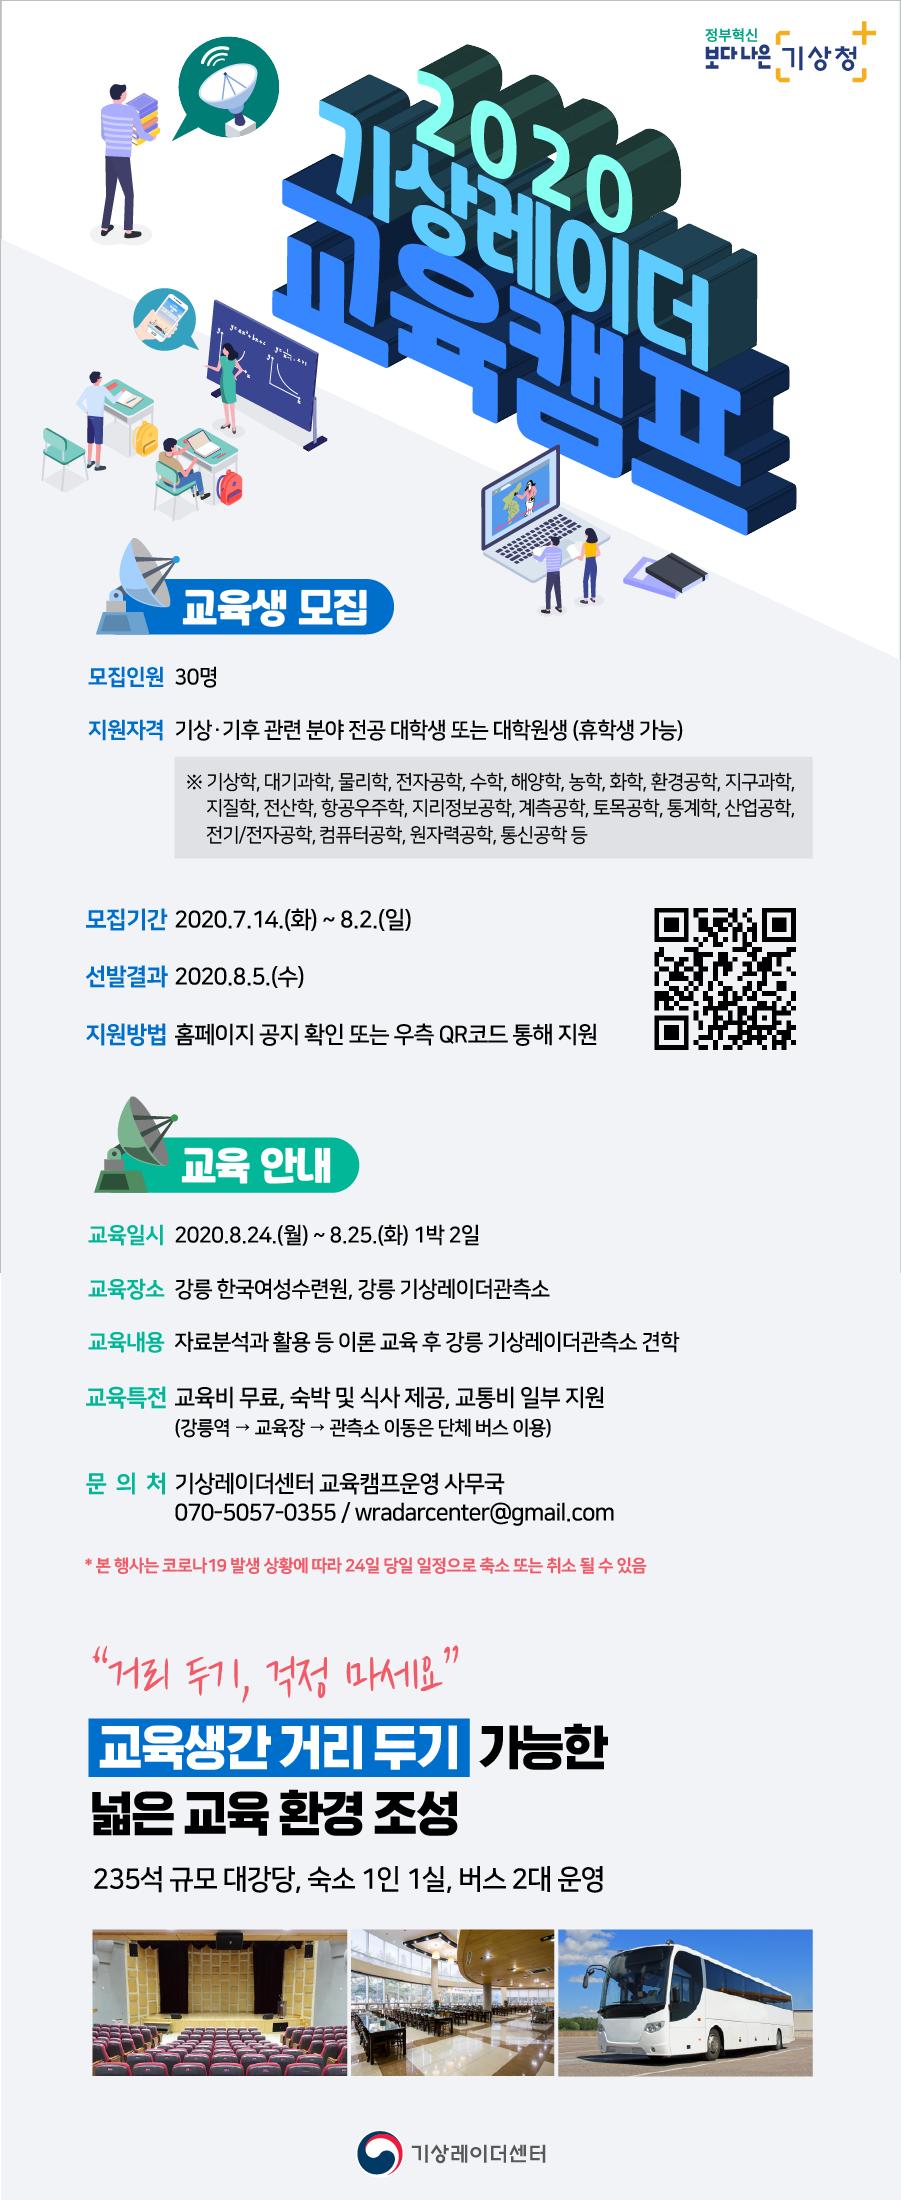 사본 -[기상청]  2020 기상레이더 교육캠프_포스터 1.png